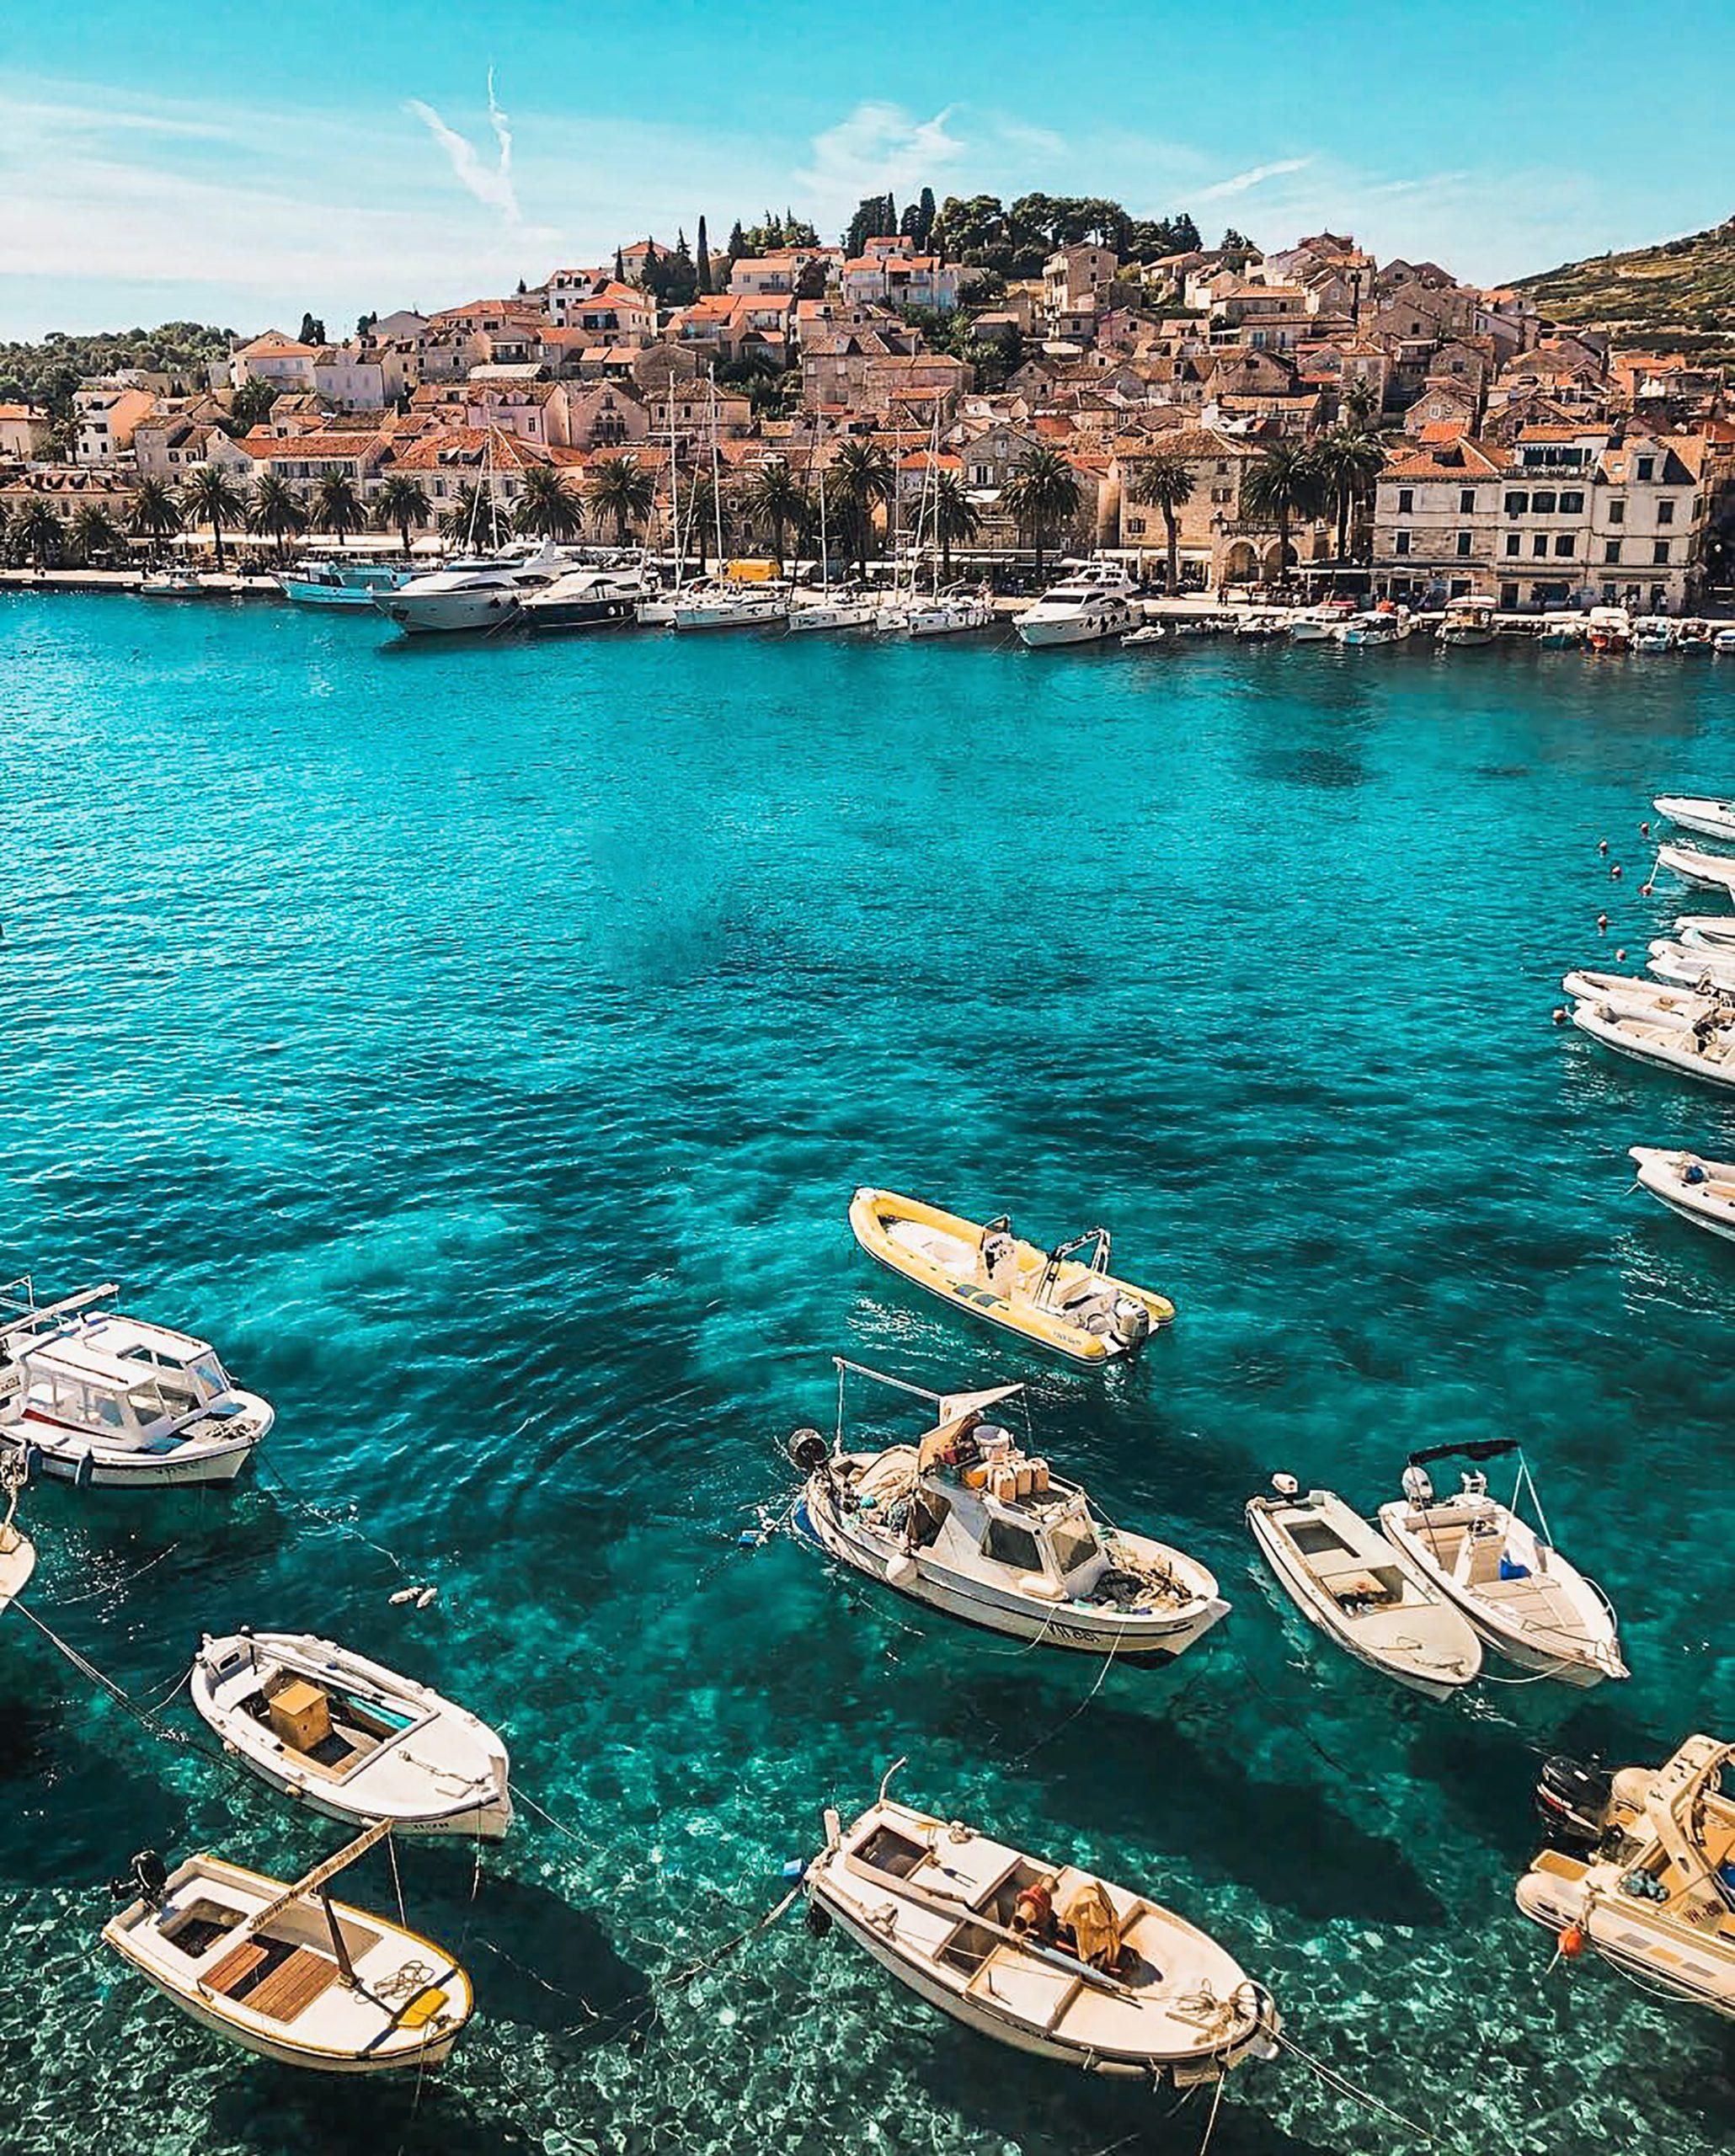 Analýza společnosti CapitalPanda o zotavení turismu v Chorvatsku